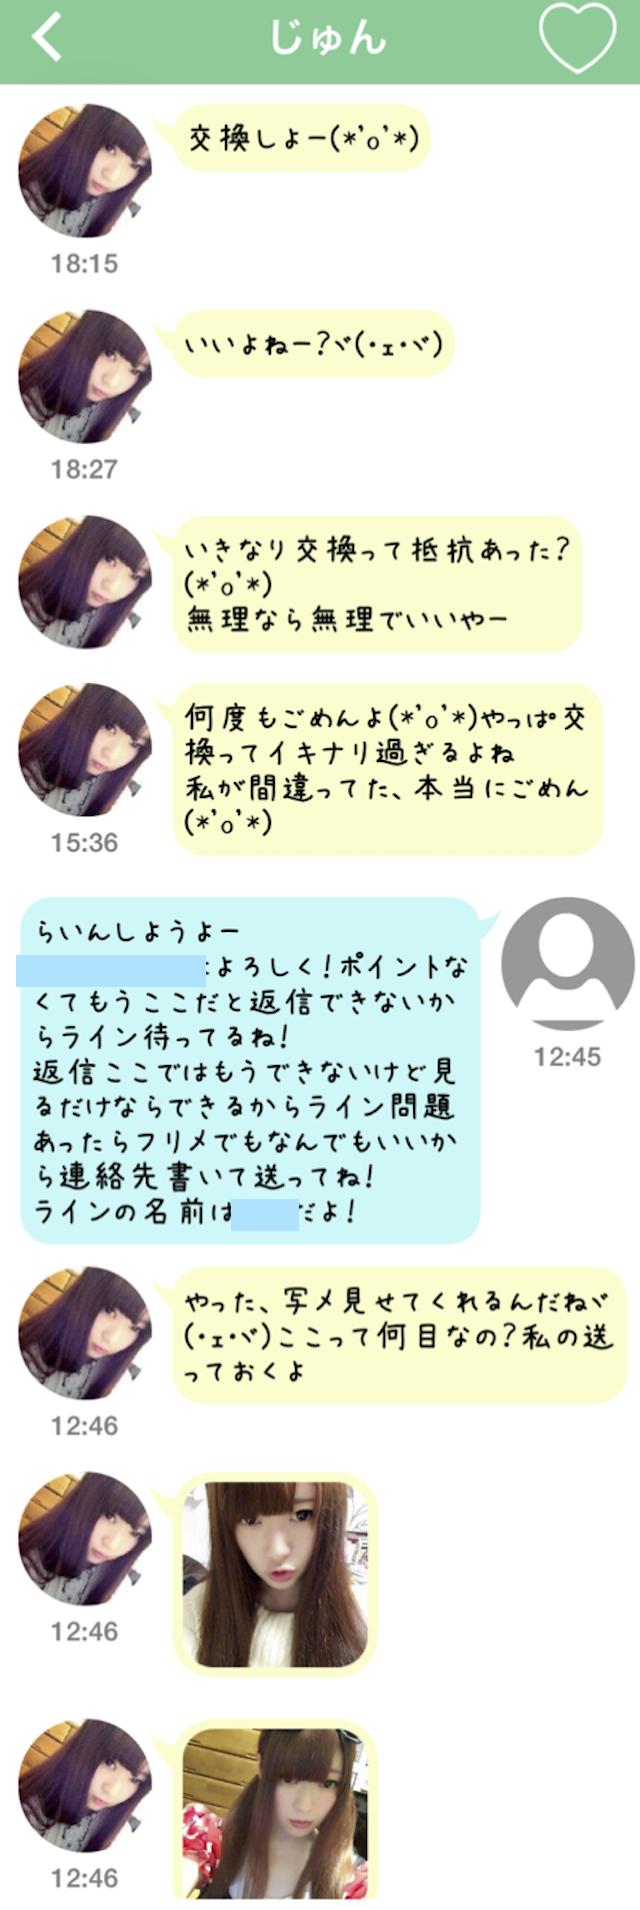 LIVE出会いアプリひまチャット3